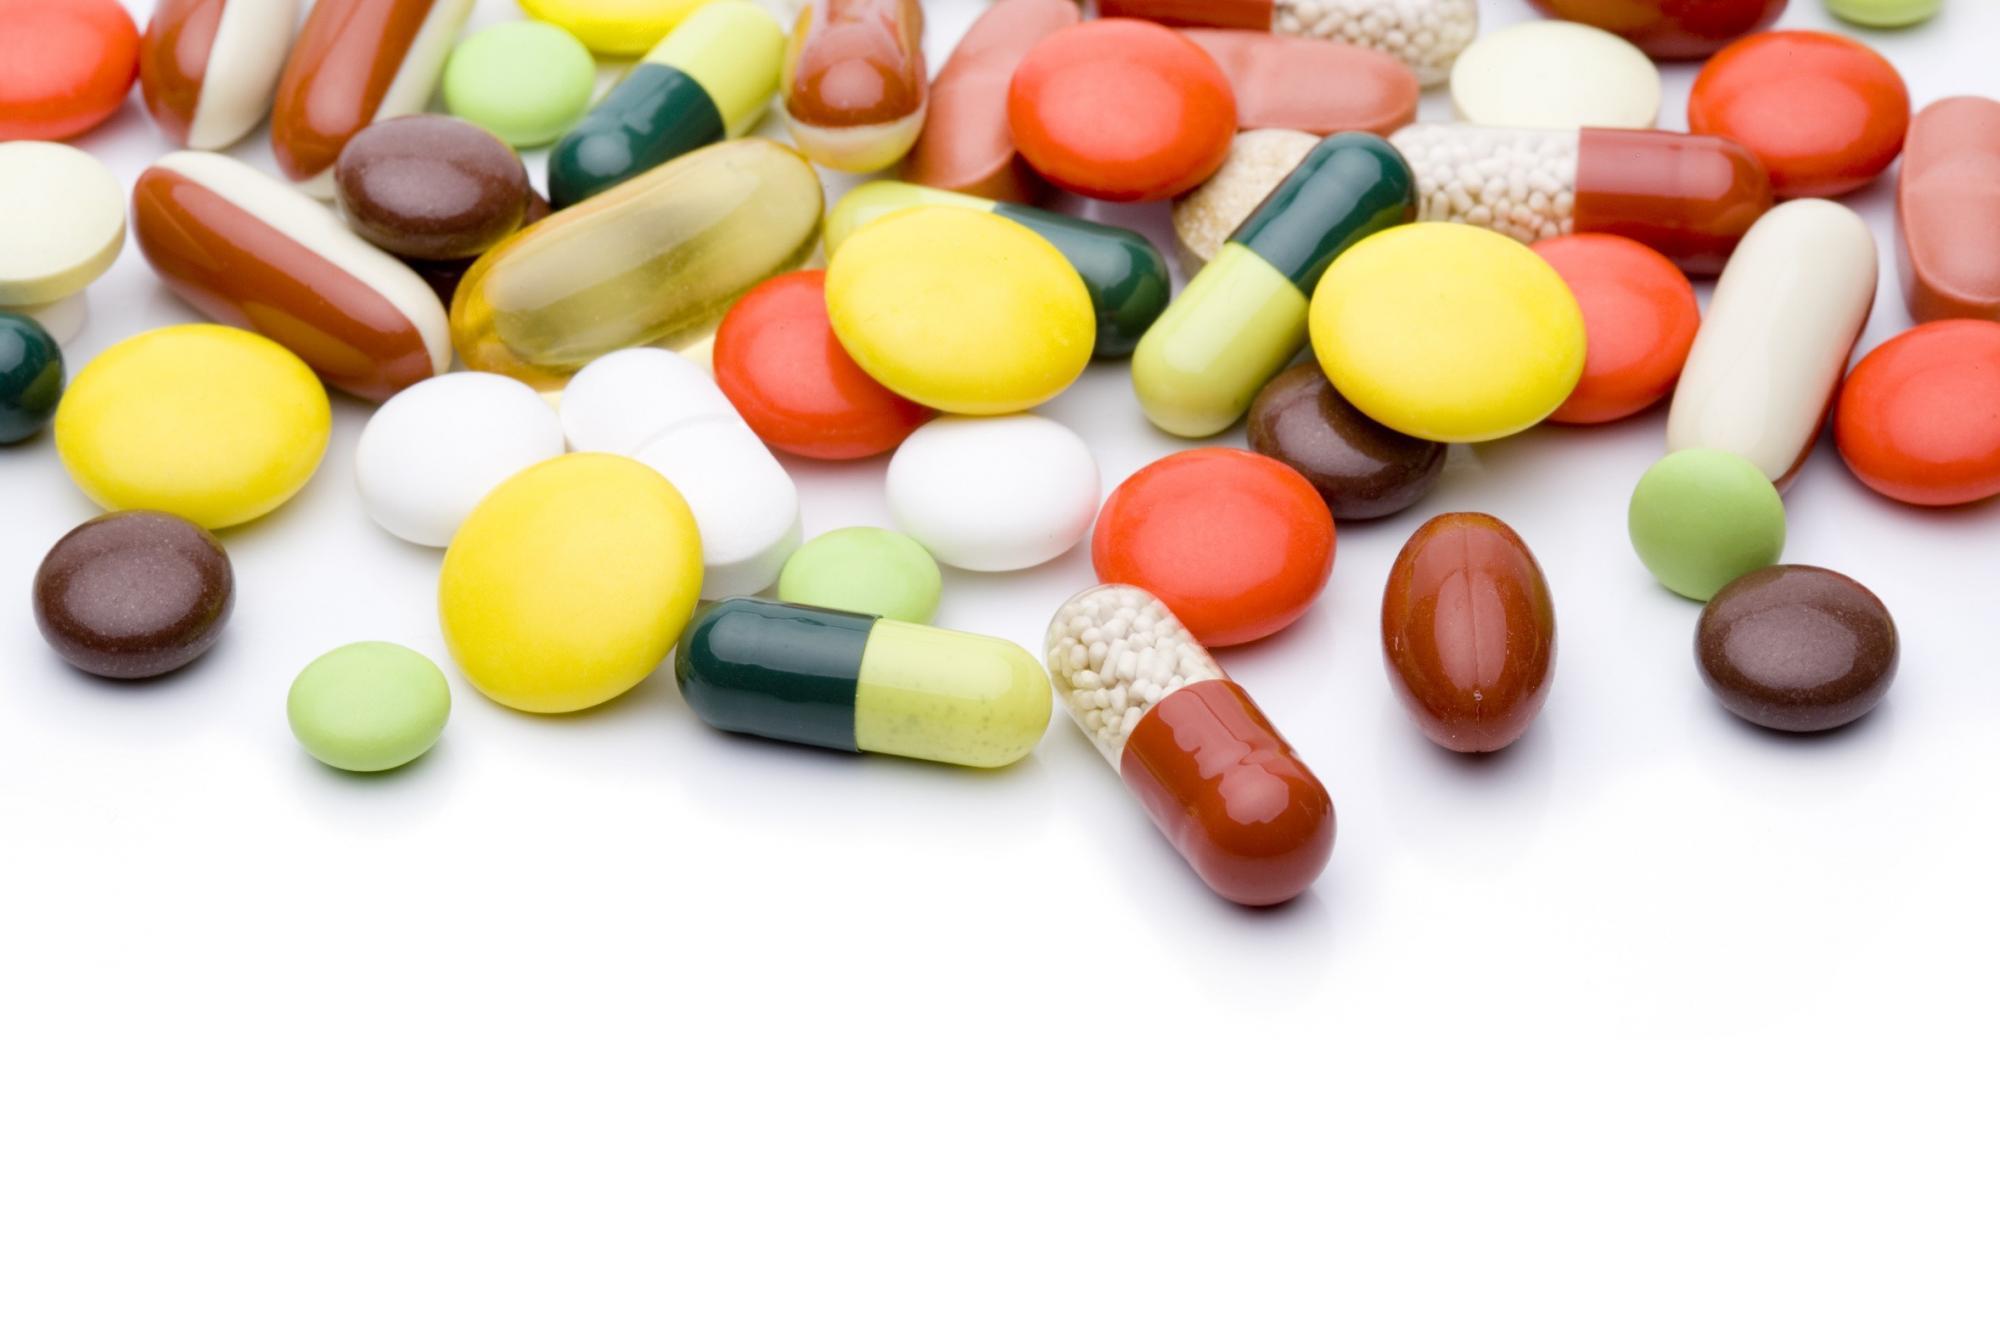 medicaments-schizophrenie